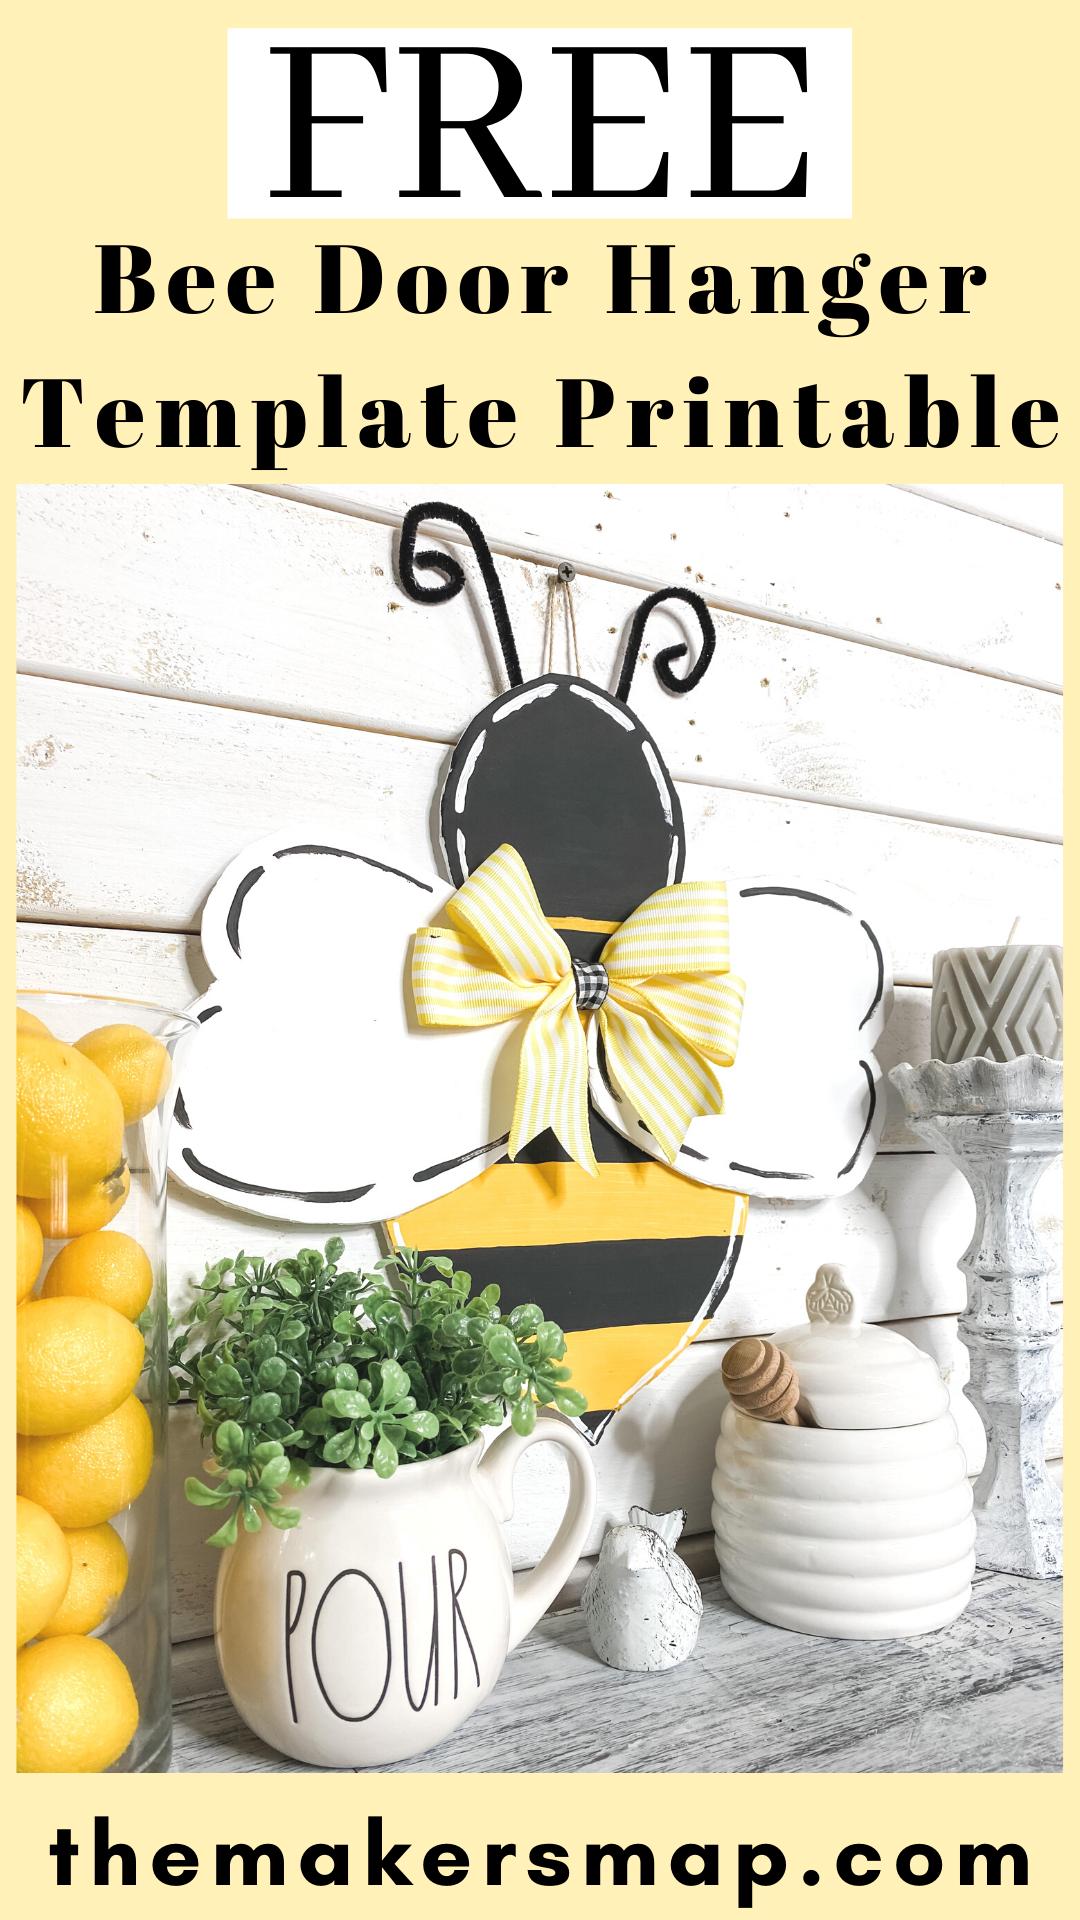 Bumble Bee Door Hanger Printable Template